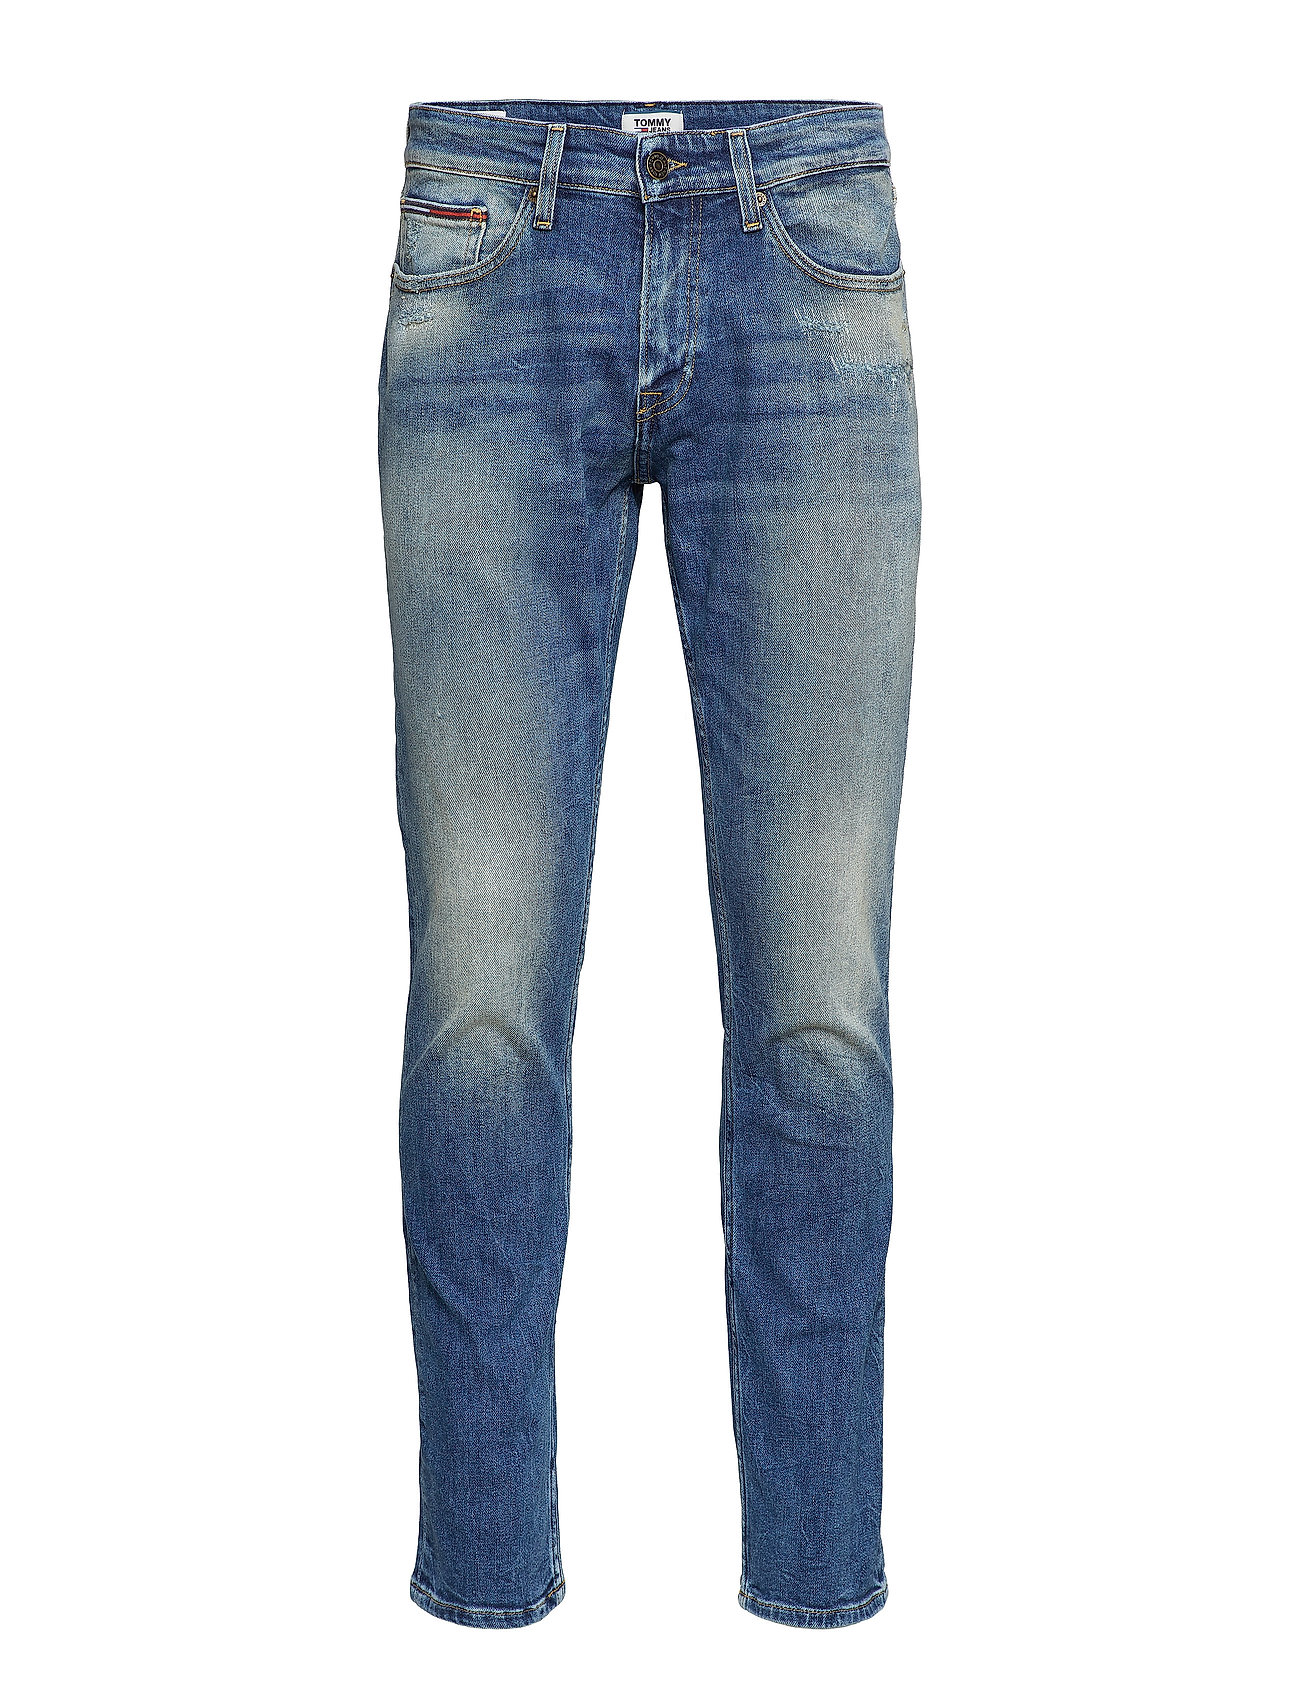 Tommy Jeans SCANTON HERITAGE SLM - SALLE MID BL COM DST